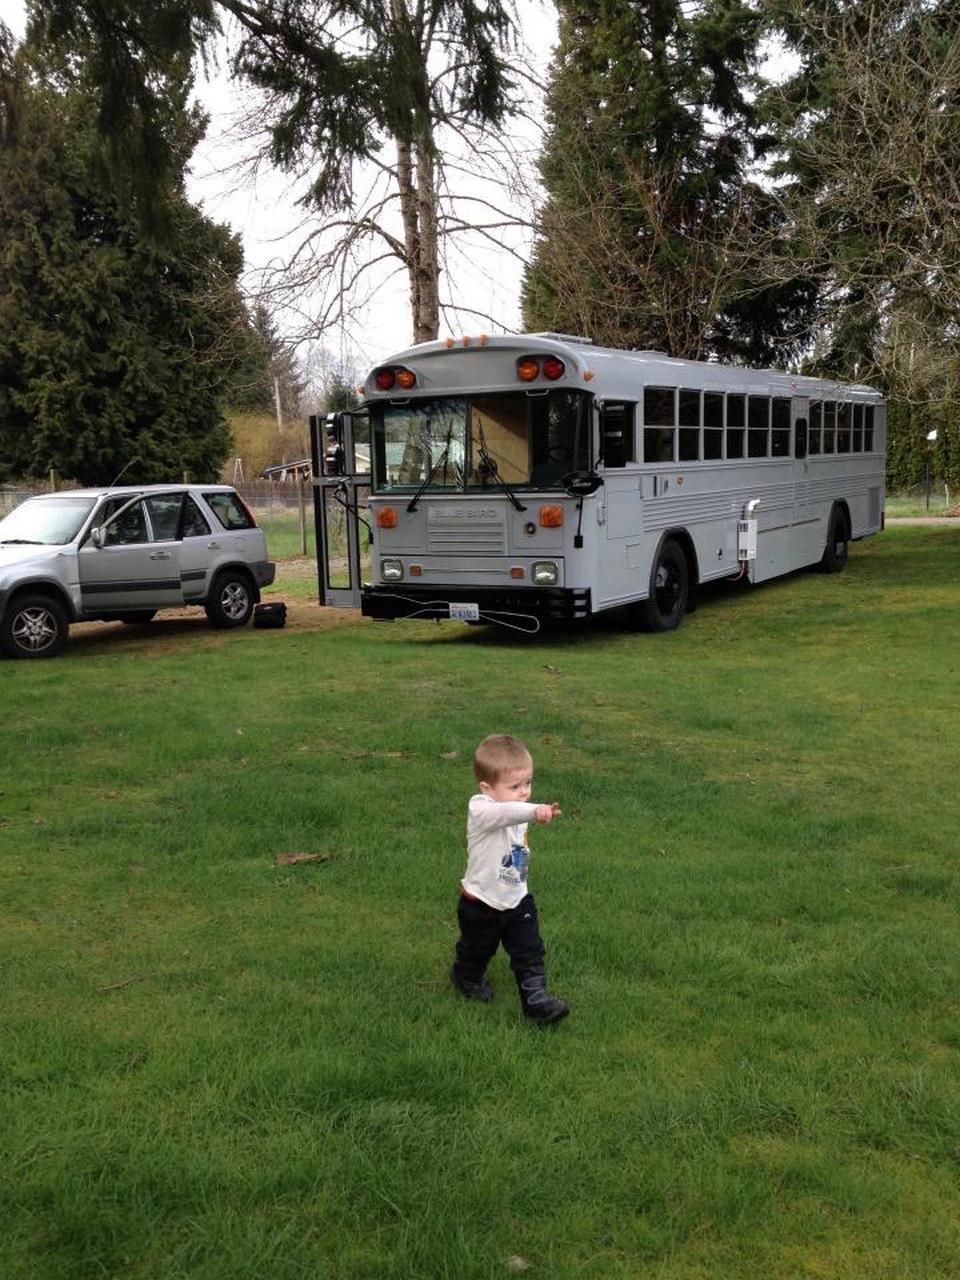 Семья из пяти человек переехала жить в старый школьный автобус